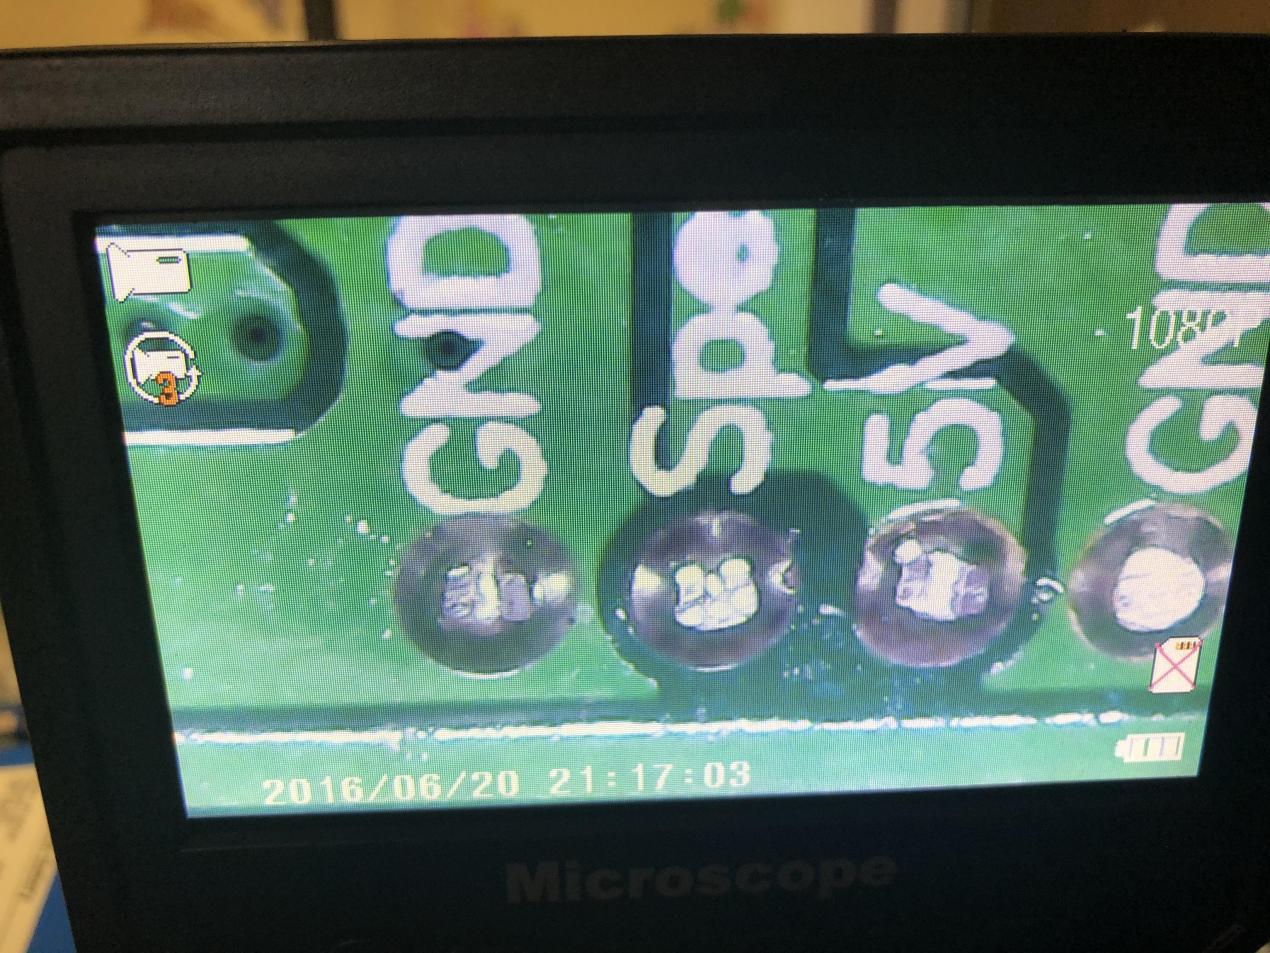 C9C55516-9104-46DF-B115-A2F8F1391B80.jpeg